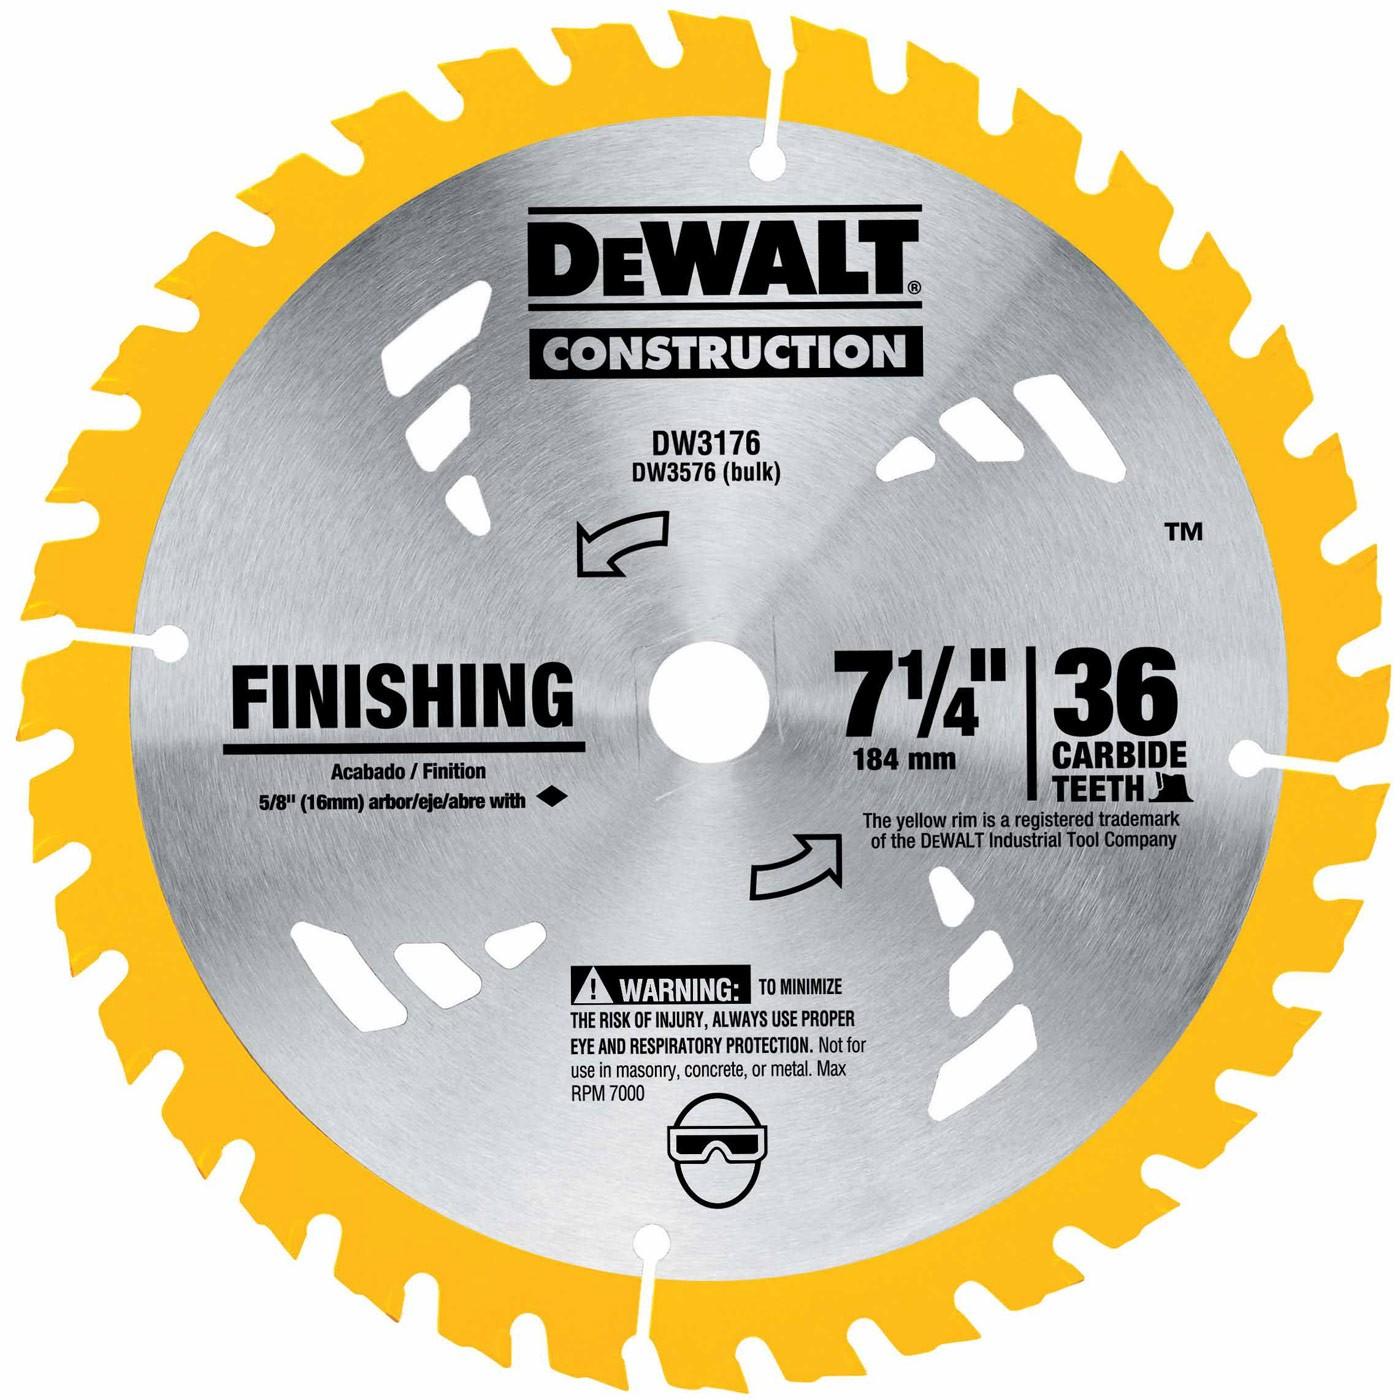 Dewalt dw3176 7 14 36t carbide thin kerf circular saw blade prevnext keyboard keysfo Choice Image